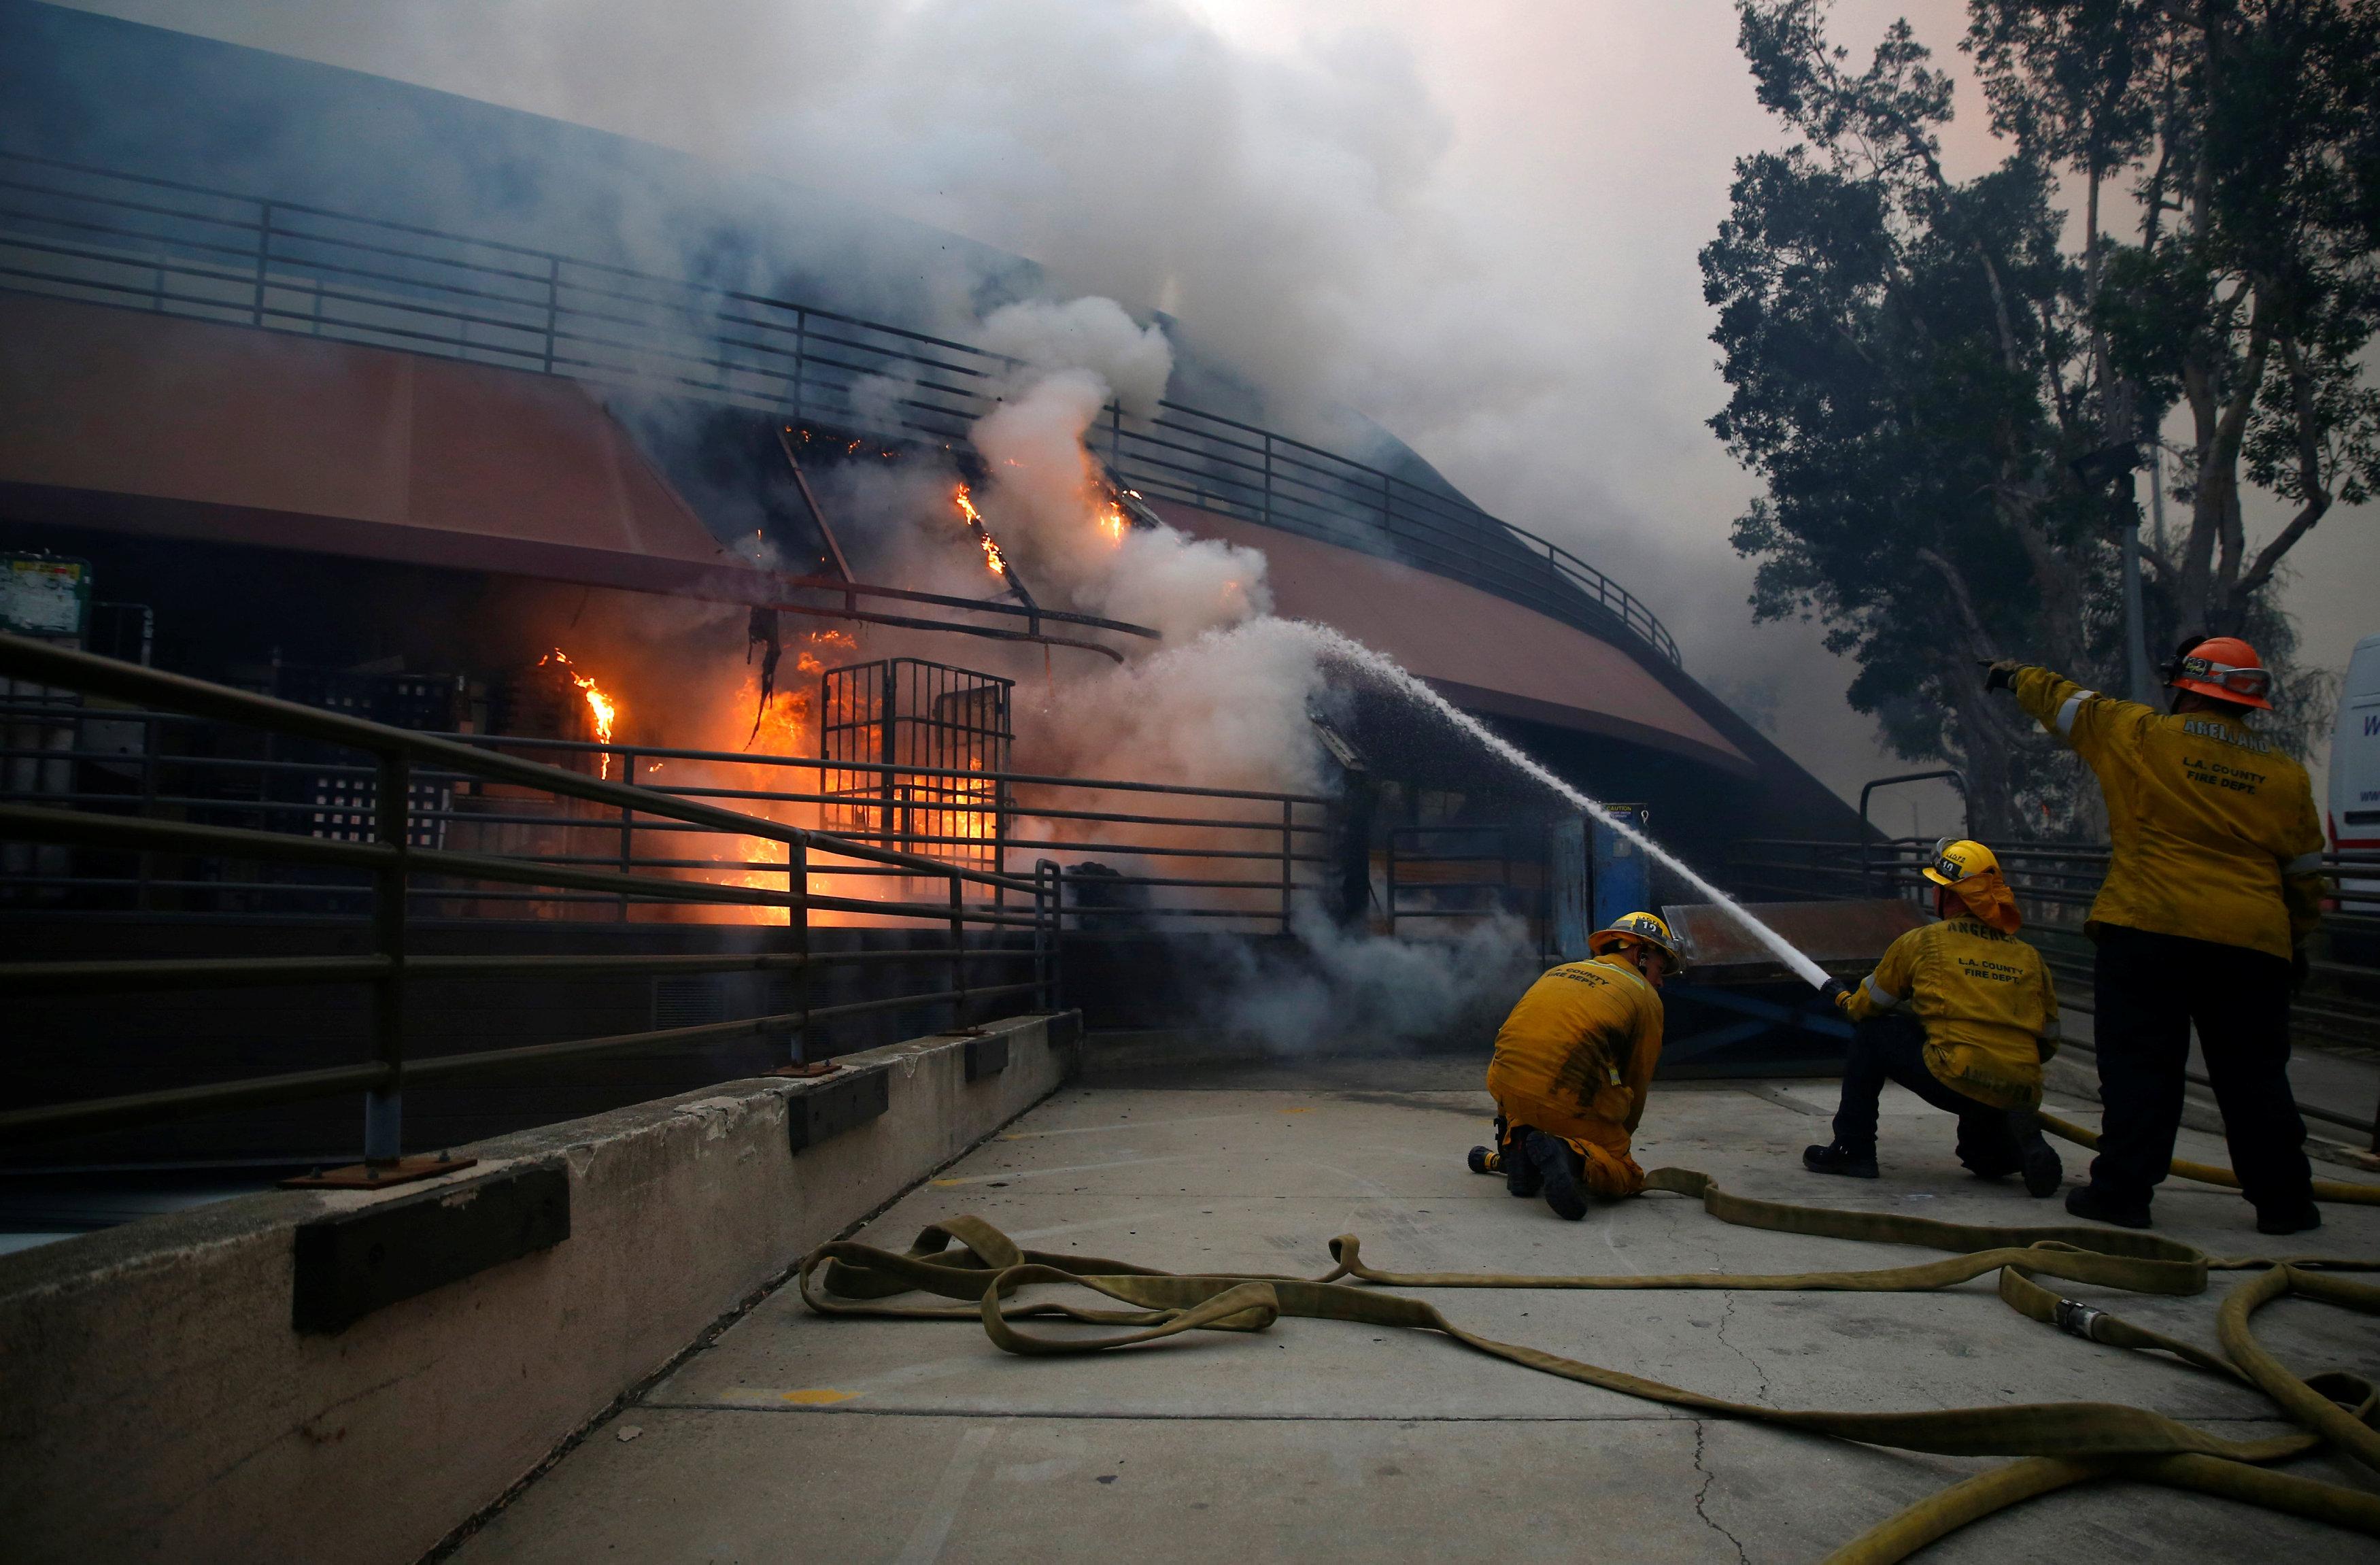 Bomberos luchan contra las llamas en una casa incendiada. REUTERS/Eric Thayer